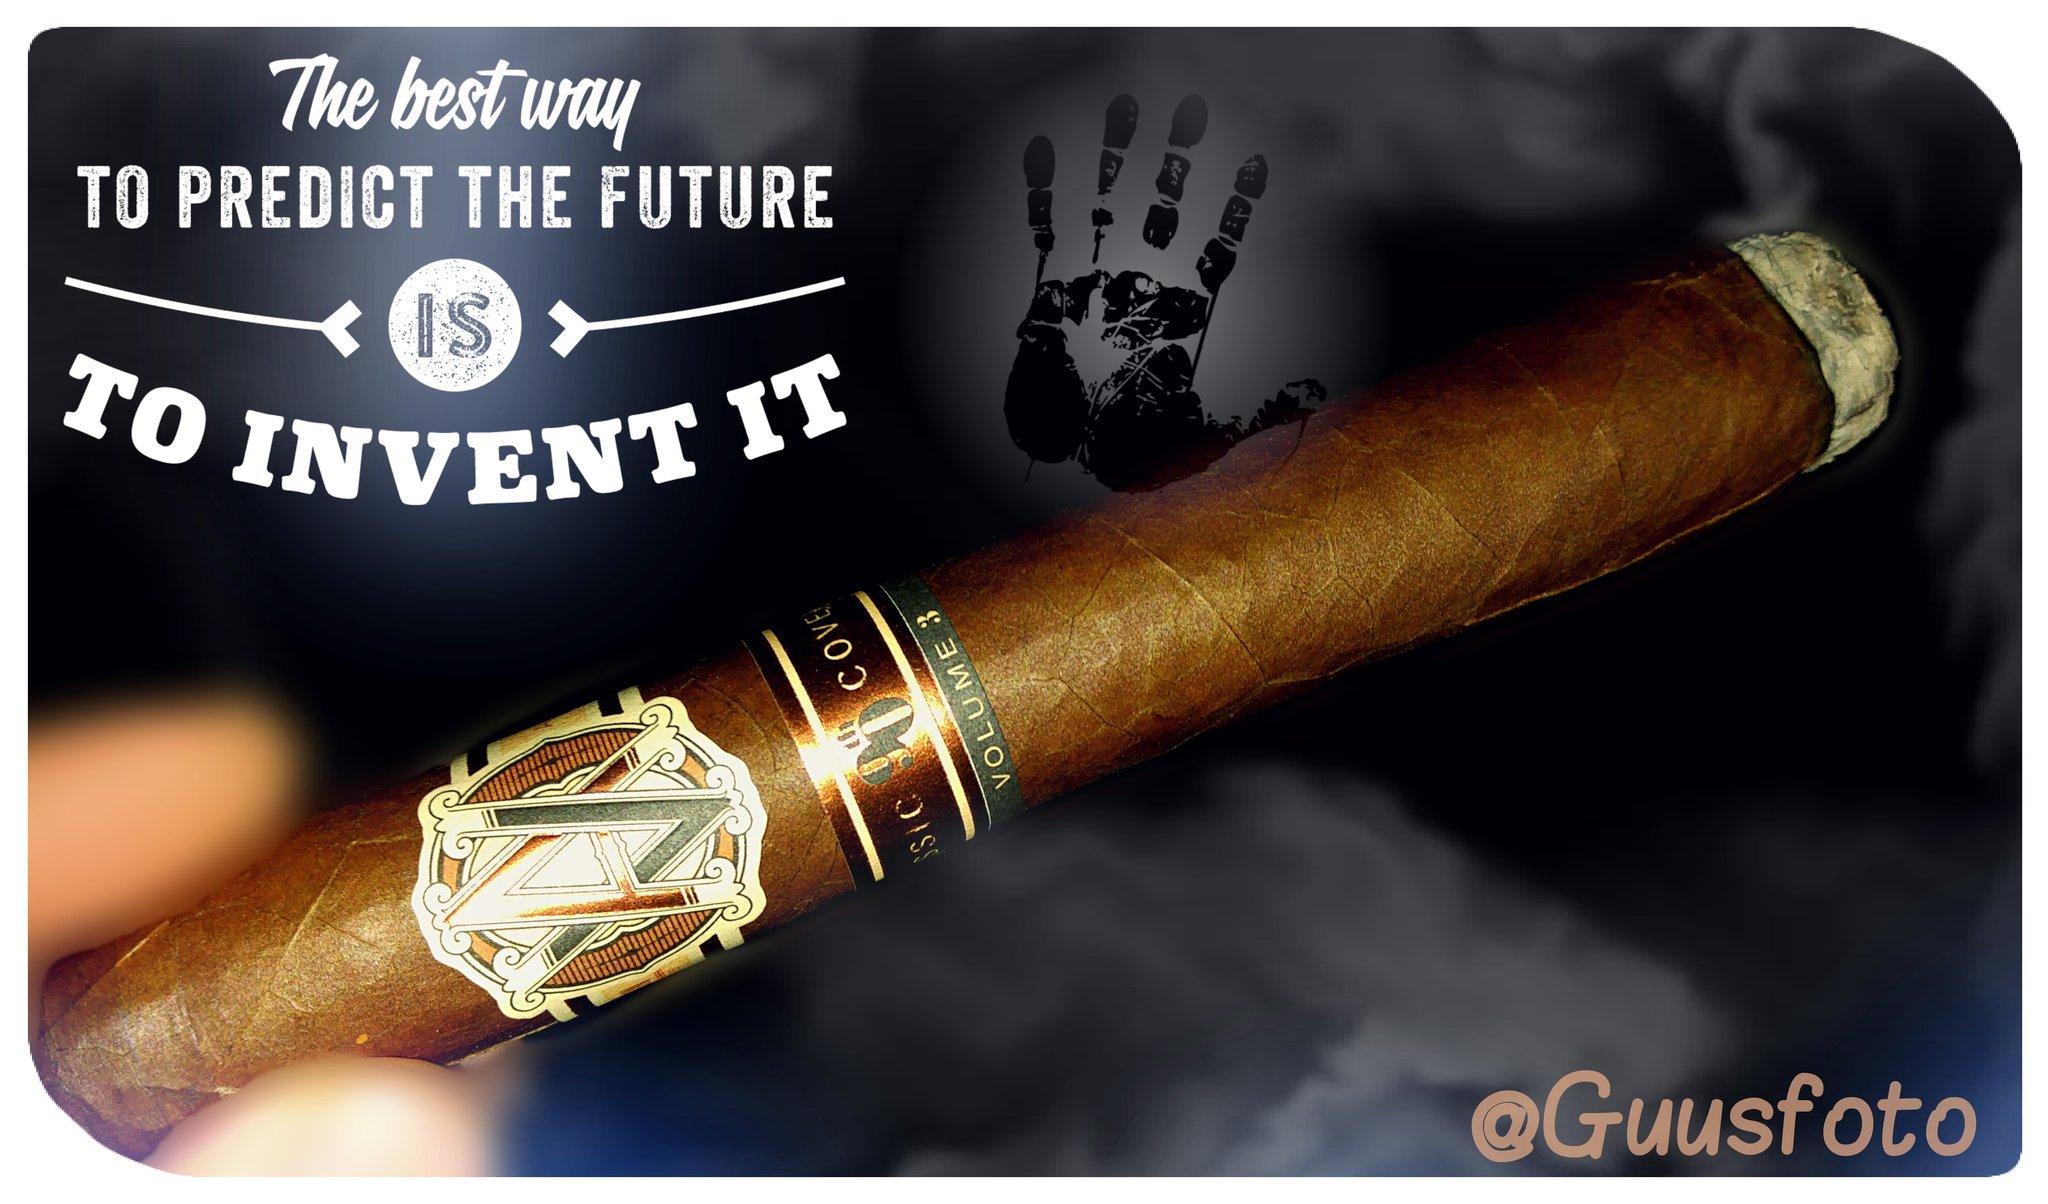 @SmoothDraws @AvoCigars @joyacigars @CDMCigars @cigarweekly @CigarAdvisor @DonTheCigarDon @CigarHerf @FL_ScotchLover @nigelbaird @cigar_chic @IanNarbeth @ValBradshaw @RodZdebiak  https://t.co/9Kjvs6XTXB